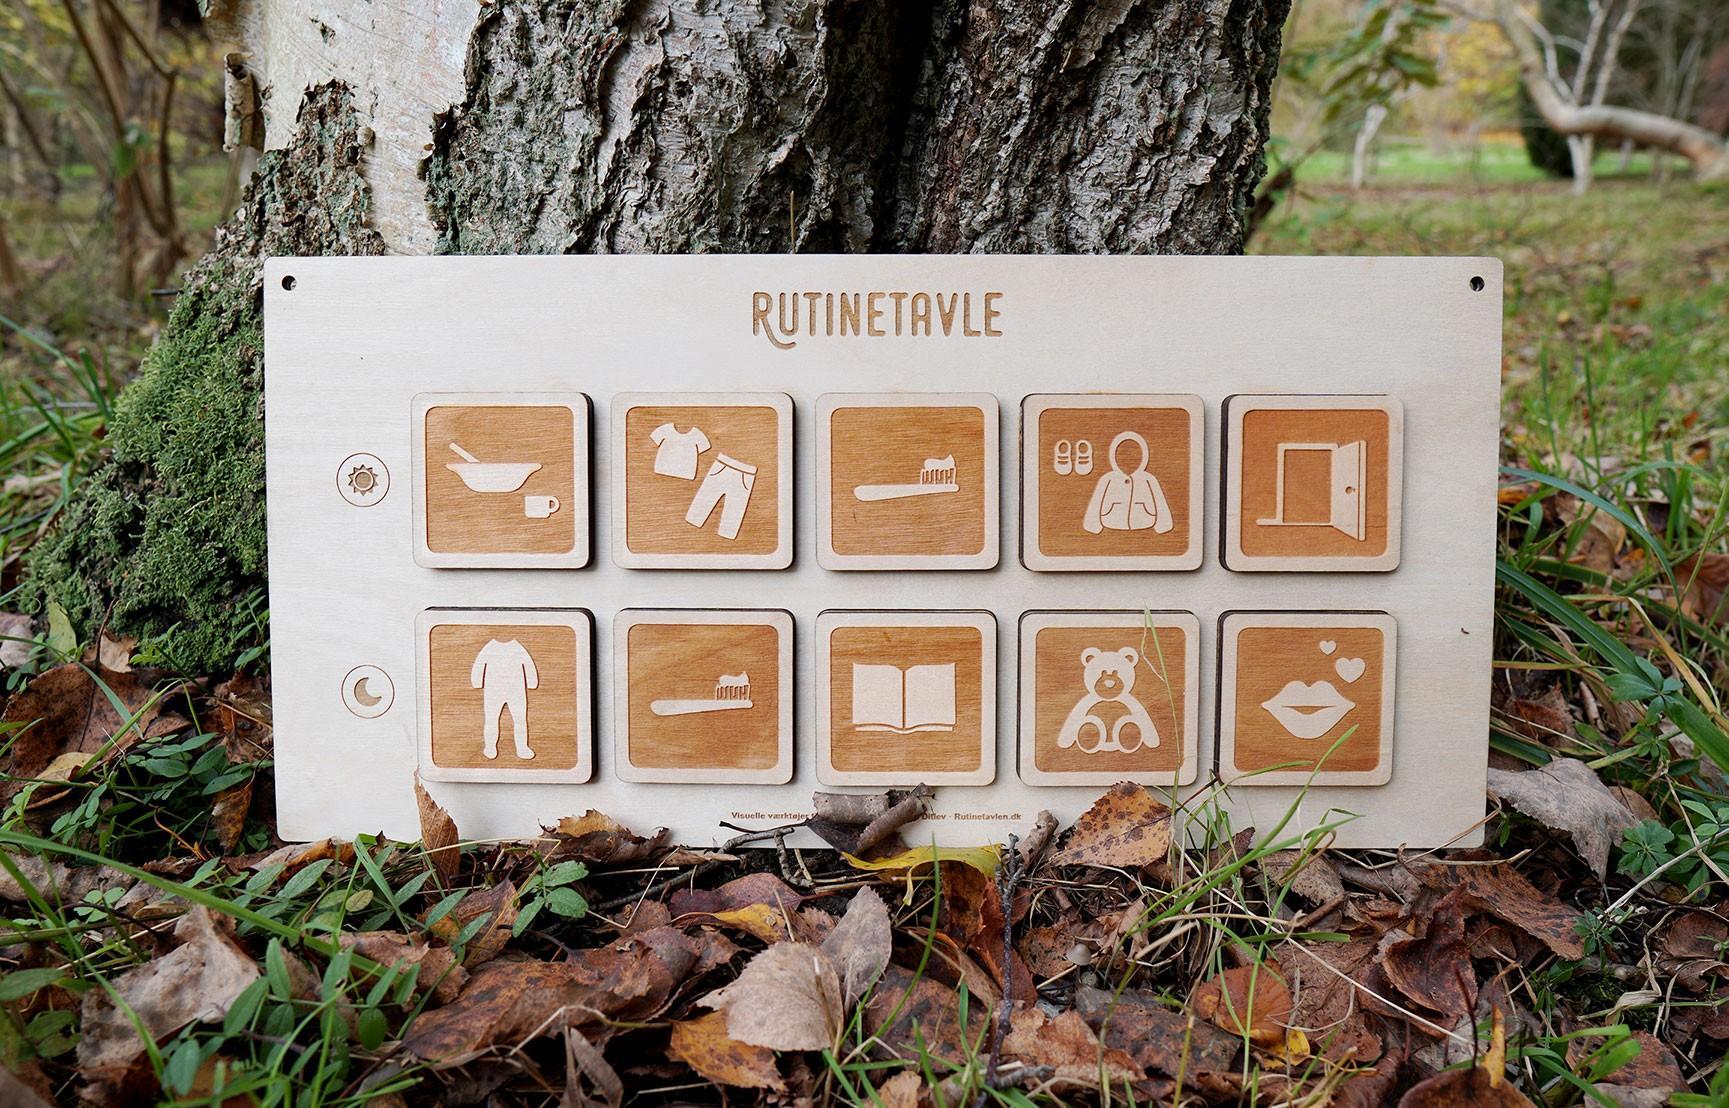 Rutinetavlen er en piktogram tavle til børns rutiner morgen og aften